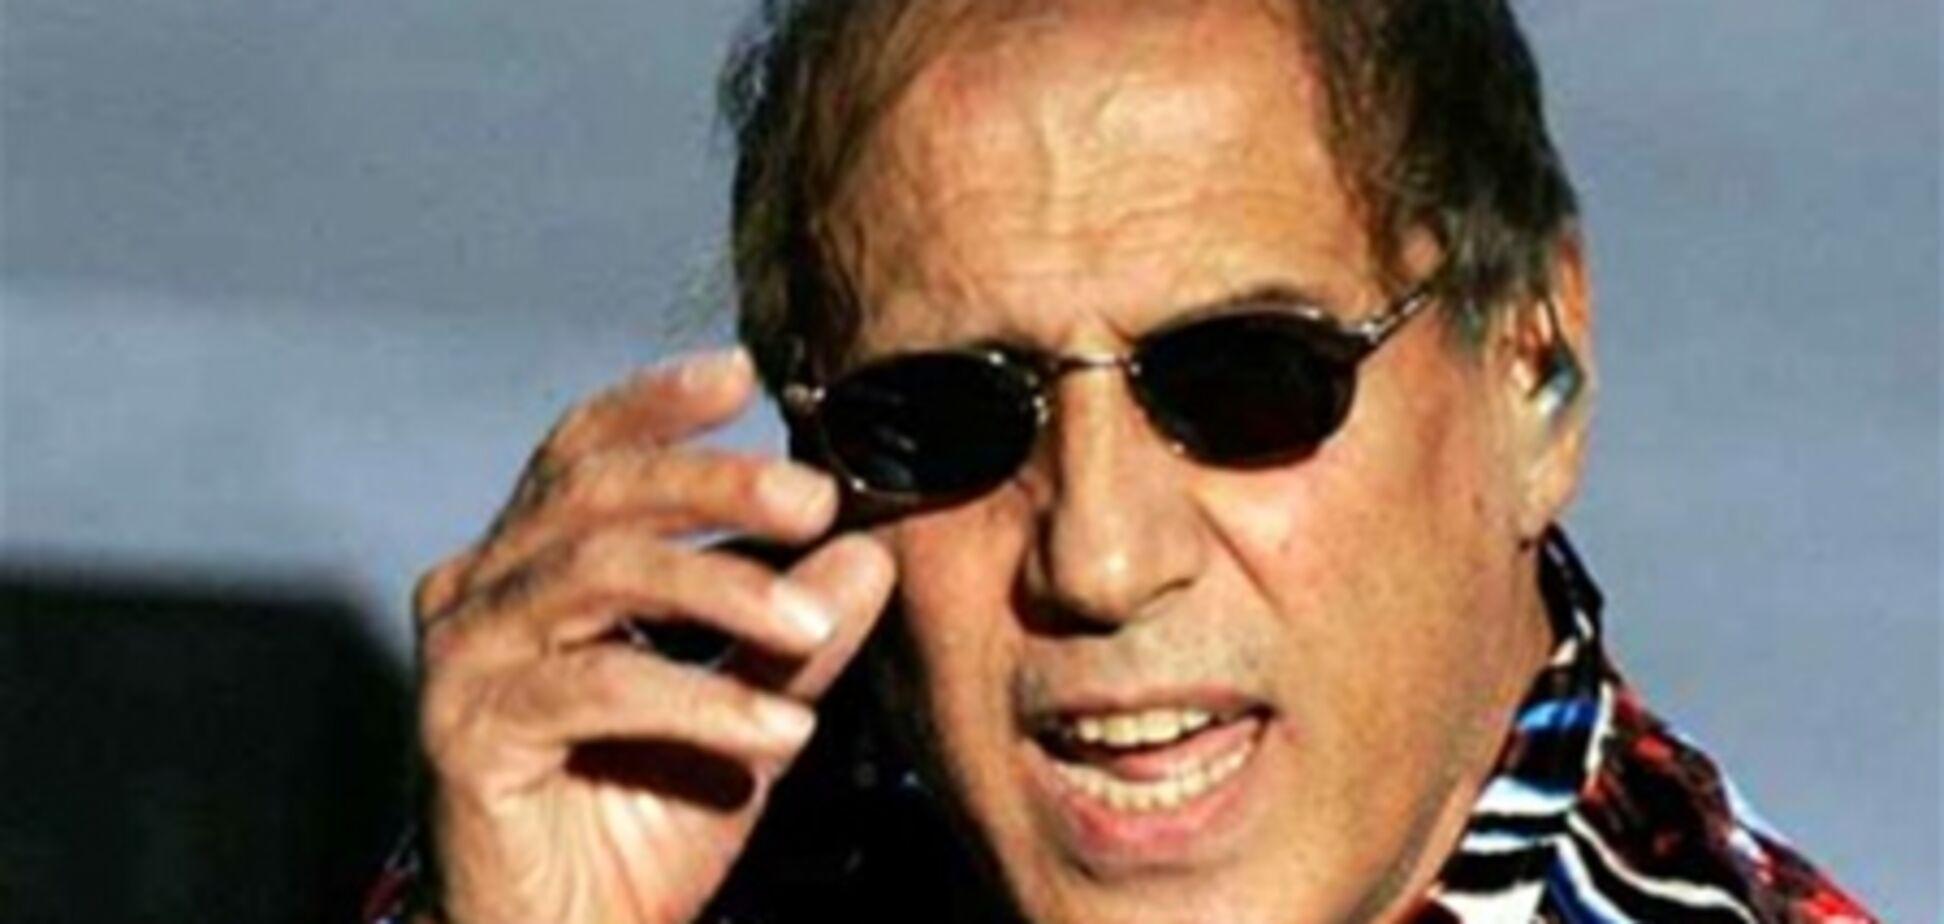 Челентано призвал коммунистов и фашистов к объединению против Берлускони